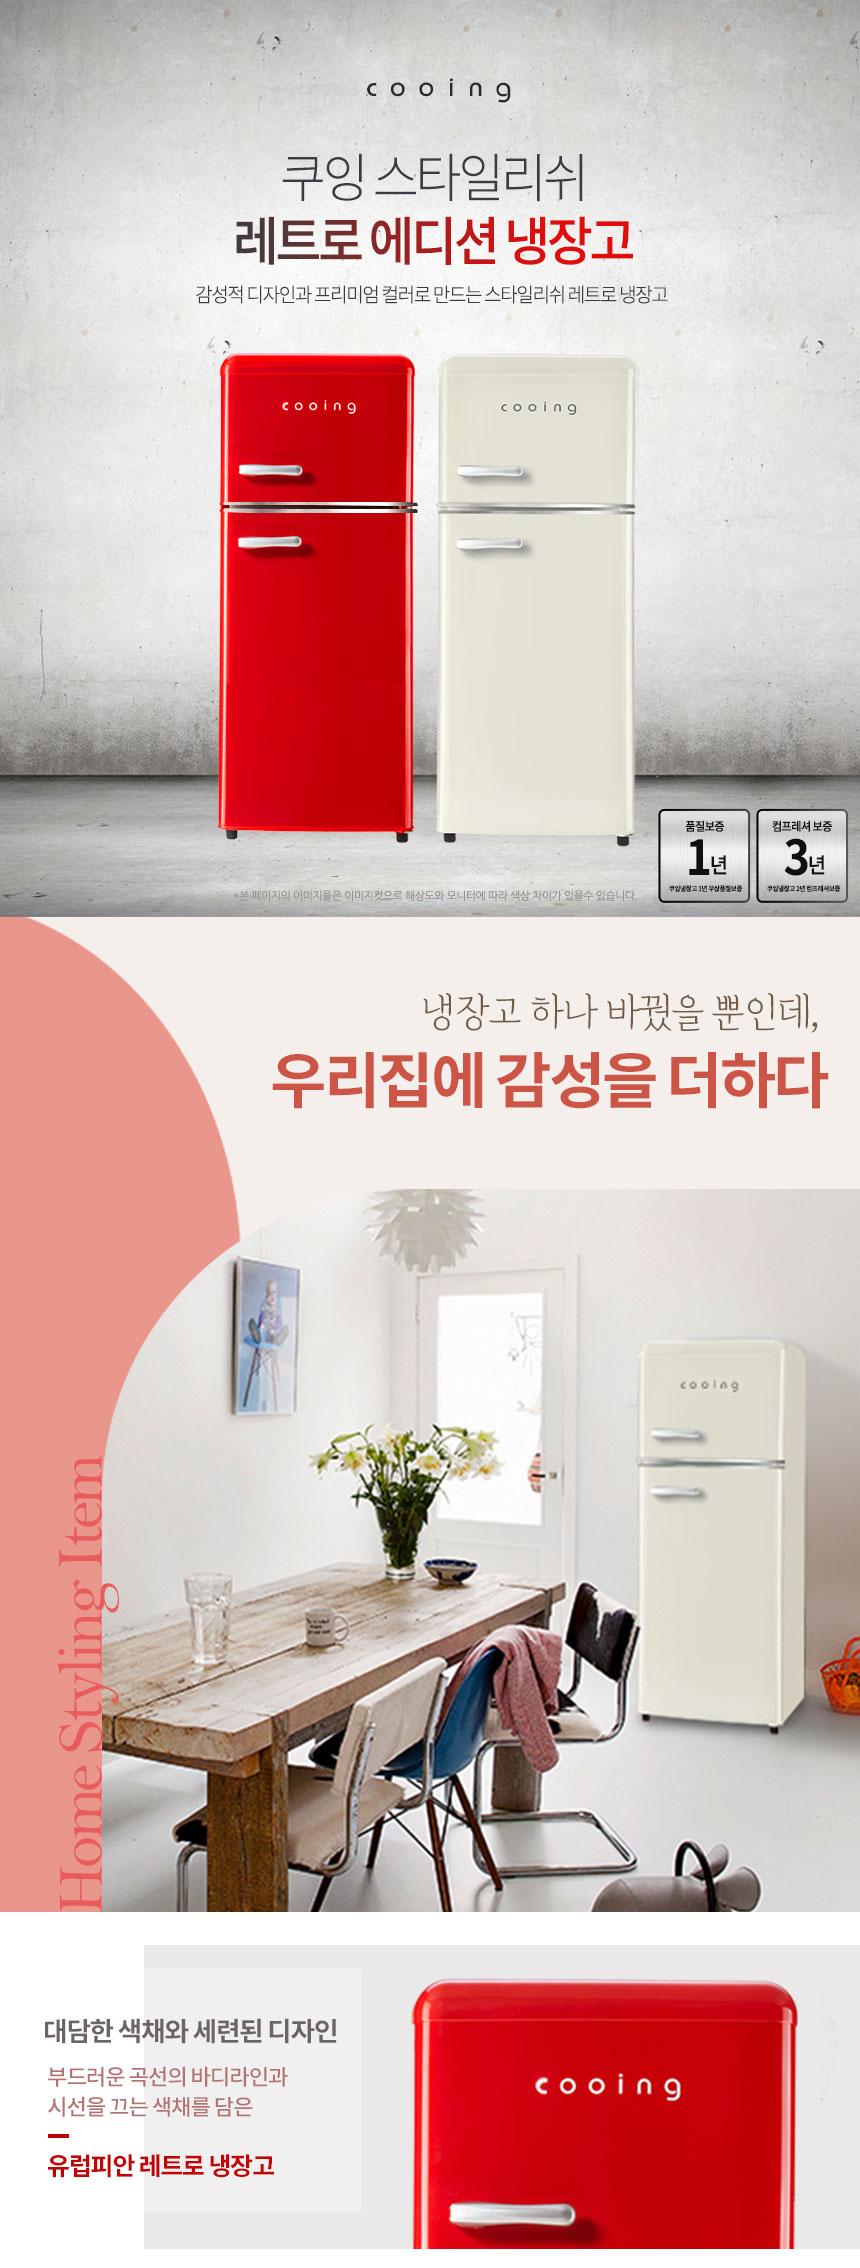 상세페이지 1, 쿠잉 스타일리쉬, 레트로 에디션 냉장고, REF-D121R, 1년 무상보증, 3년 컴프레셔보증